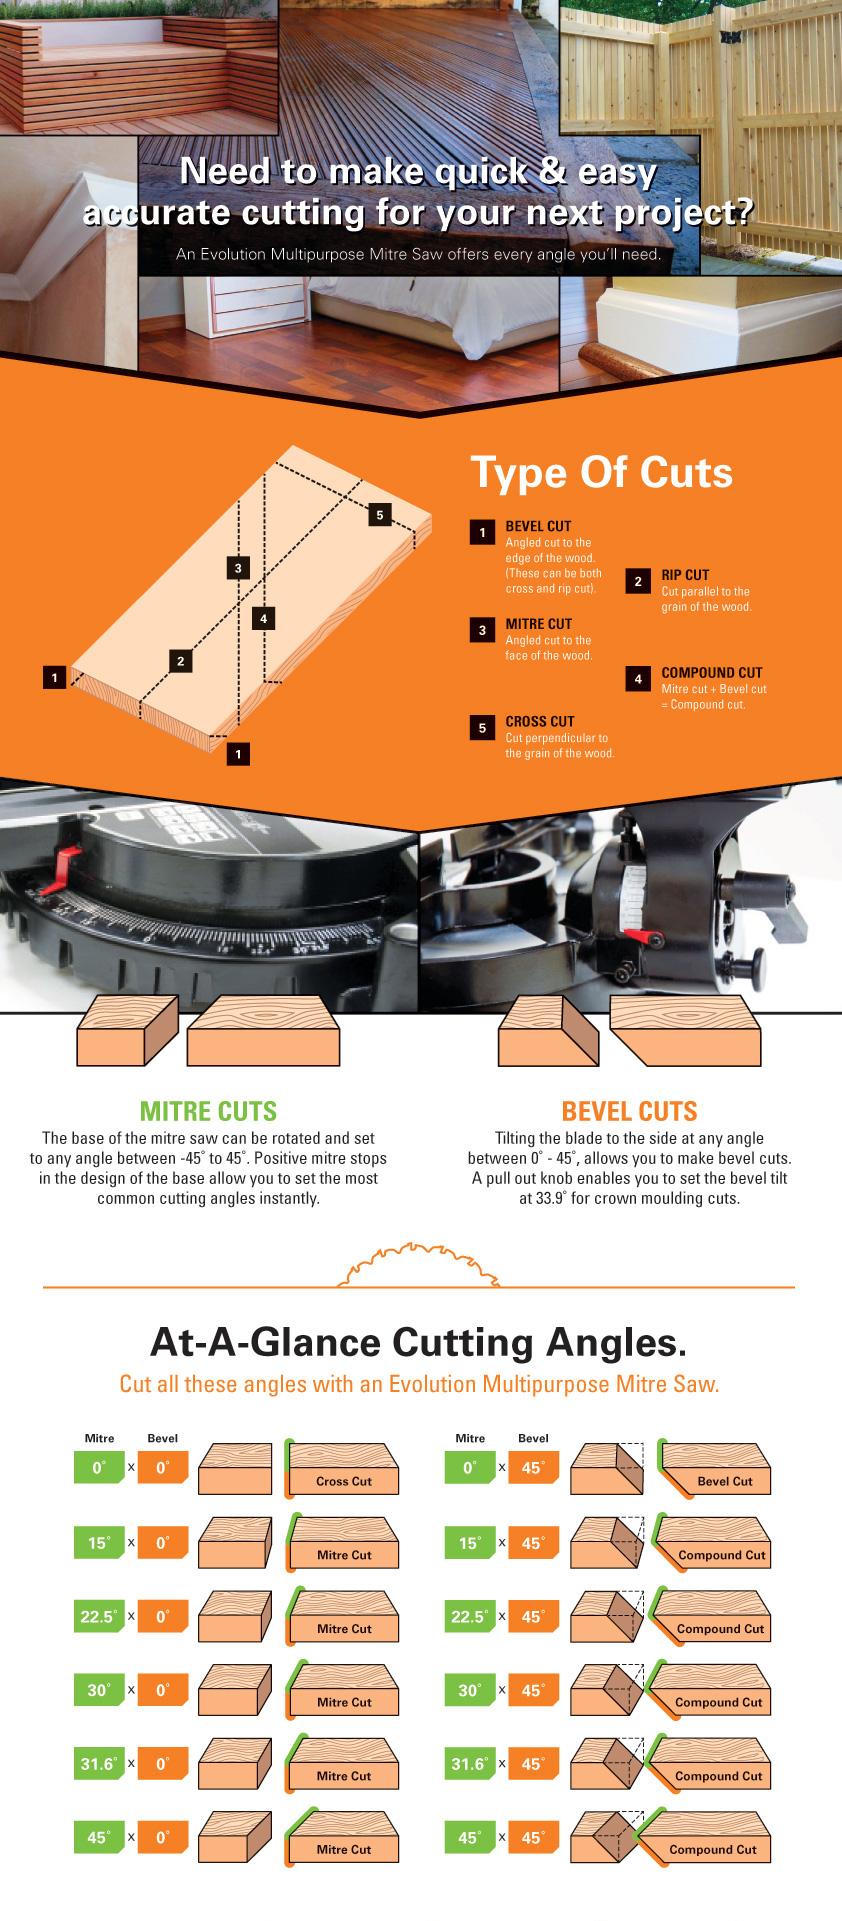 Metal Cutting Miter Saw Pictures To Pin On Pinterest P Mitre Saw Kijiji Edmonton Xbox Pin Saw